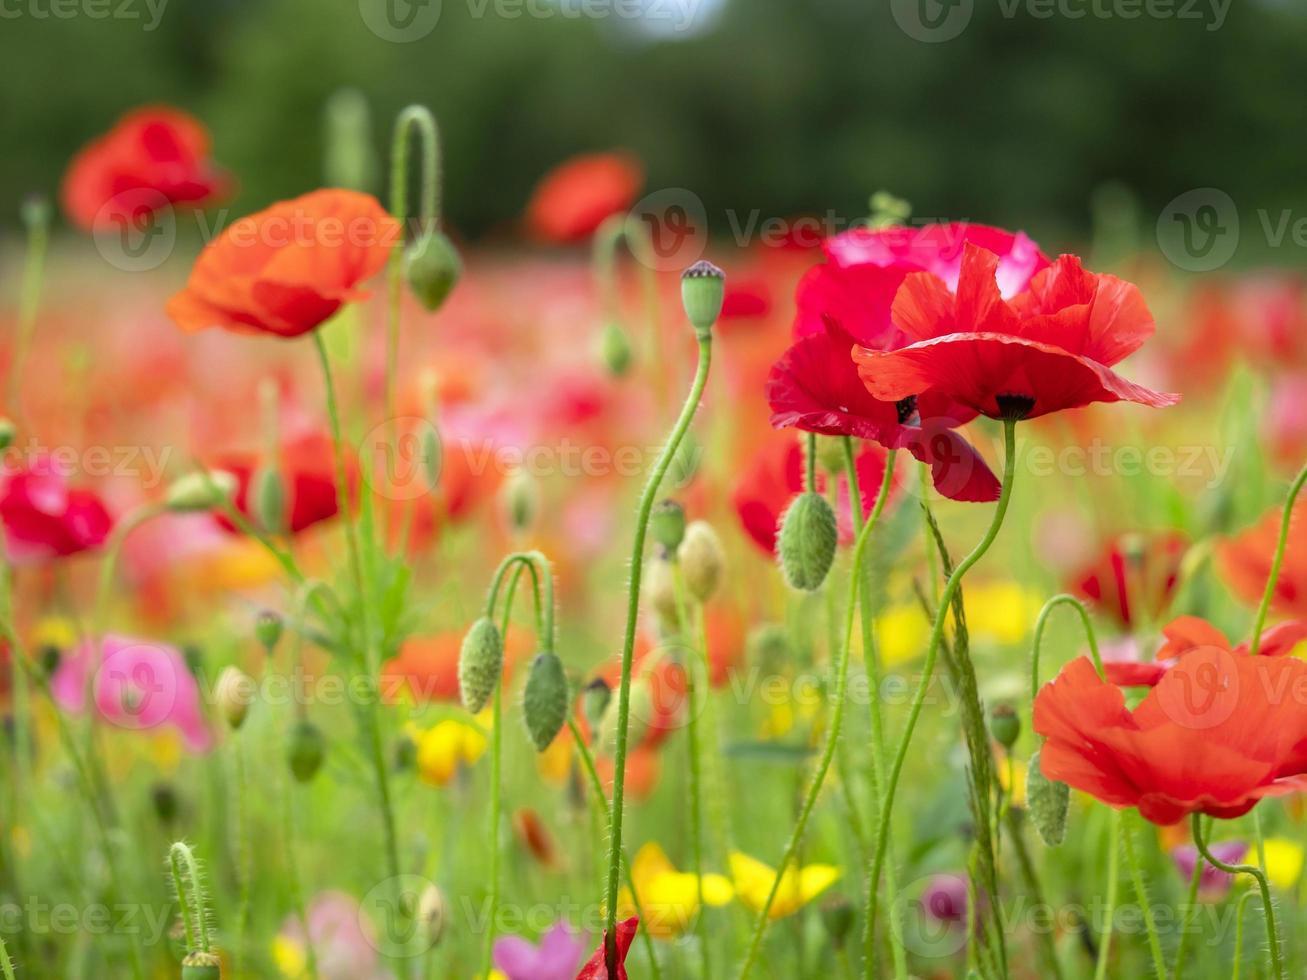 färgglada vallmo blommor i ett fält foto